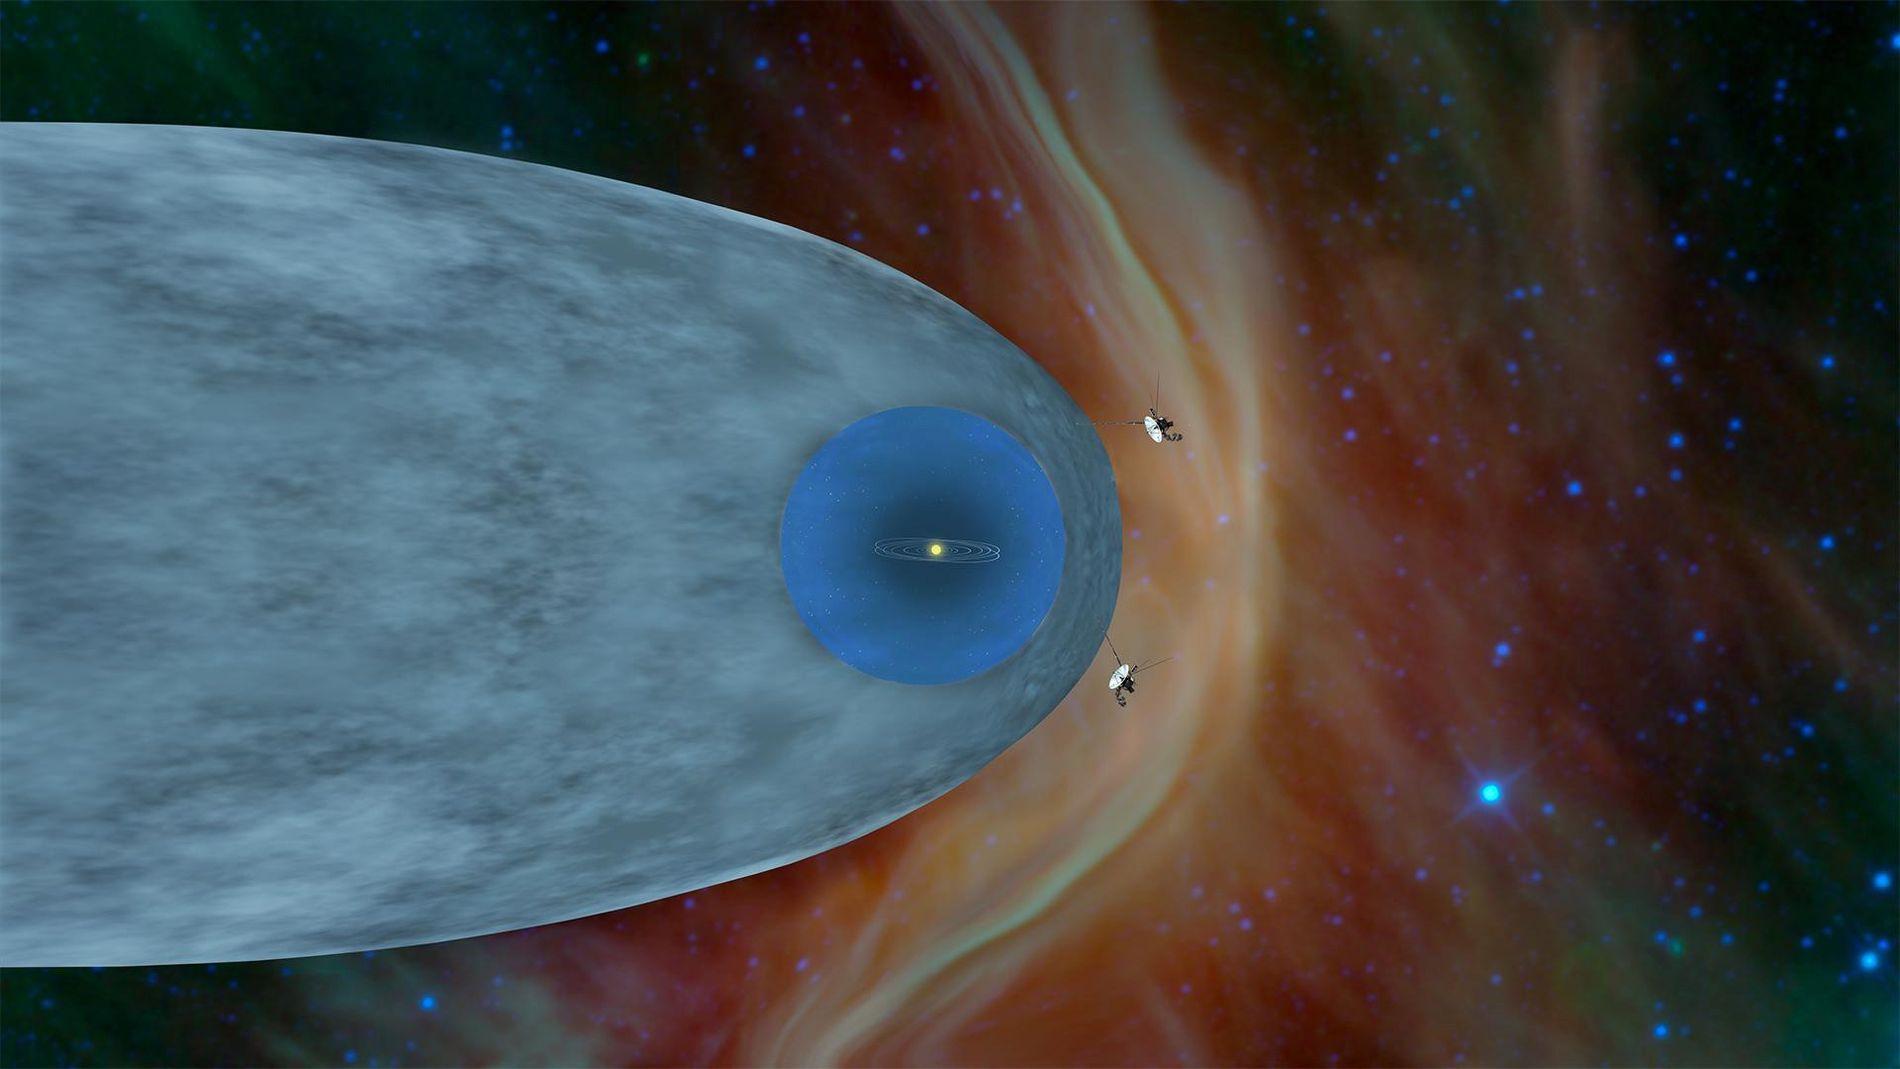 Una ilustración muestra la posición de las sondas Voyager 1 y Voyager 2 de la NASA fuera de la heliosfera, una burbuja protectora creada por el sol que se extiende mucho más allá de la órbita de Plutón.